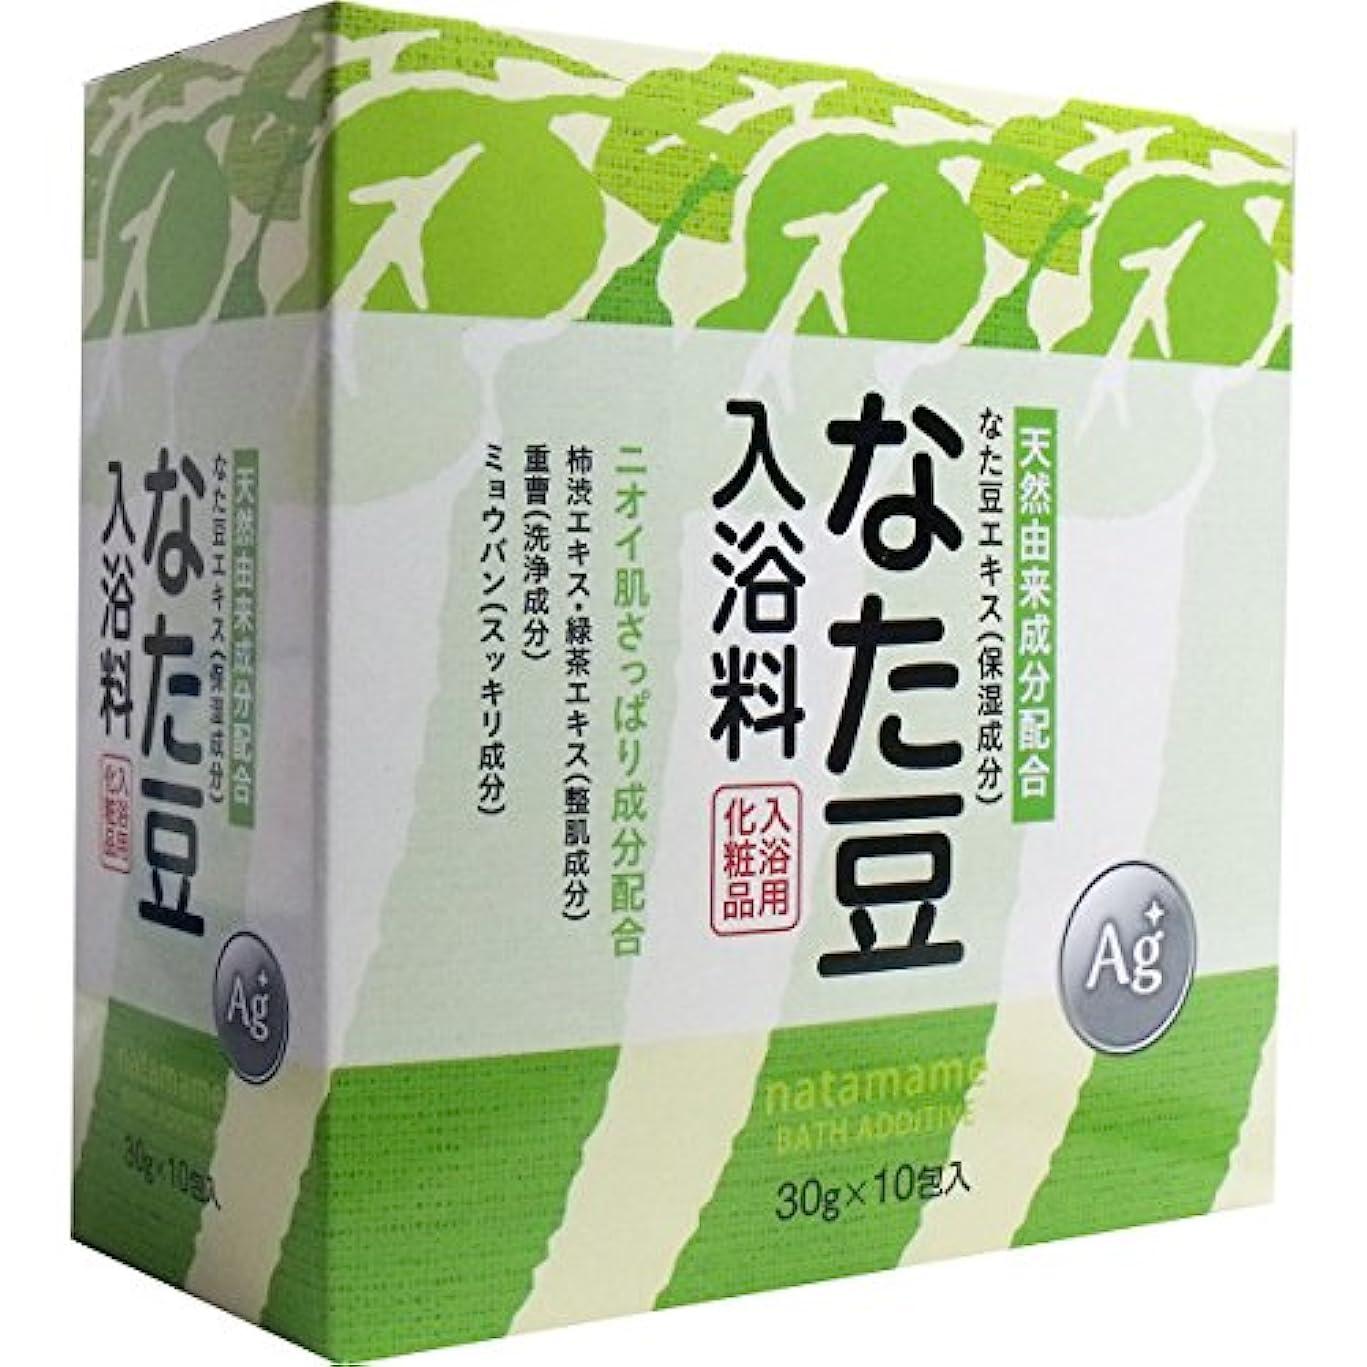 振動させるトレイアレンジなた豆入浴料 入浴用化粧品 30g×10包入×3